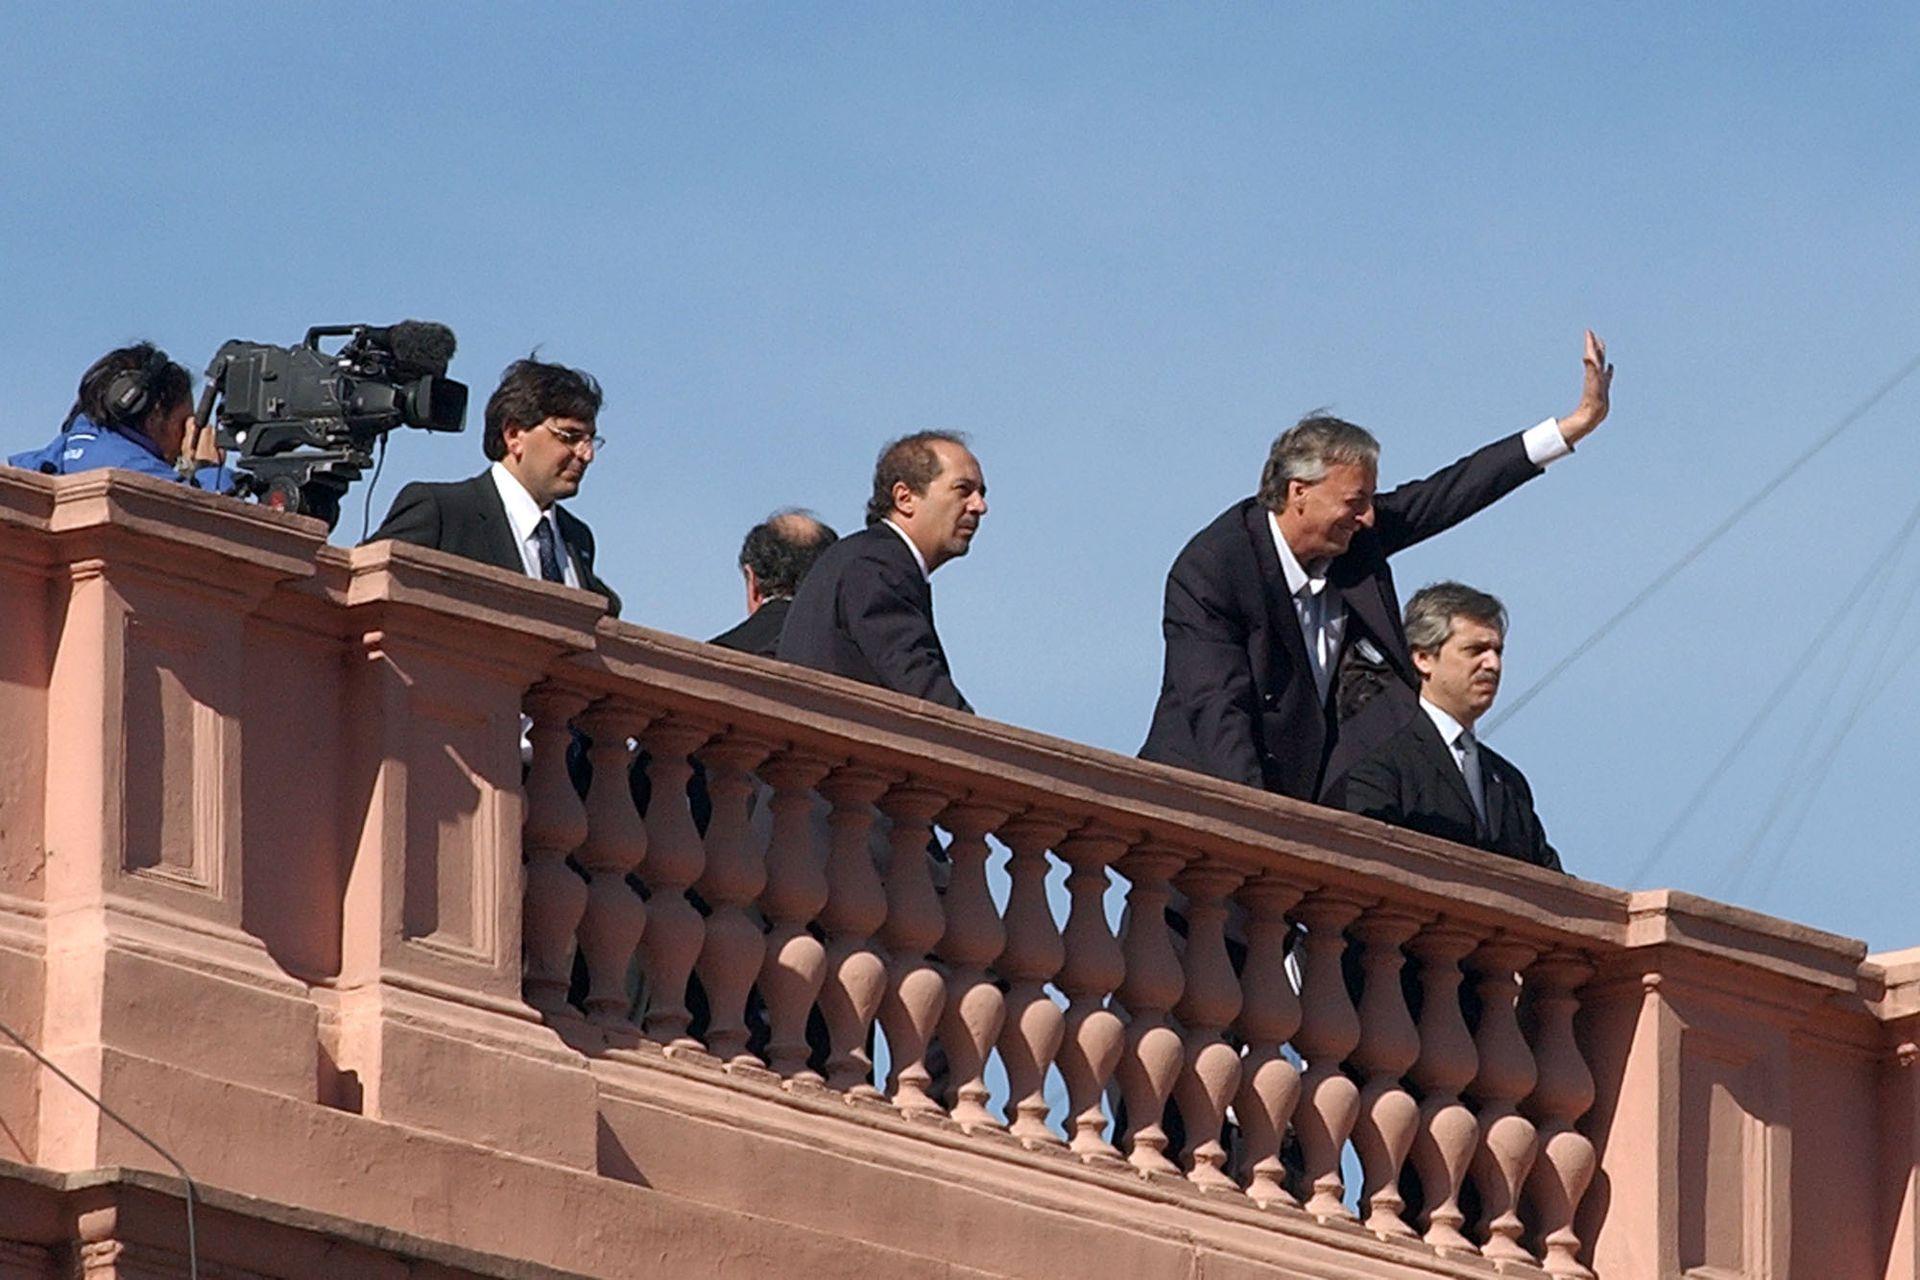 Junto al Presidente Néstor Kirchner en la terraza de la Casa Rosada, durante los festejos del 25 de mayo de 2006